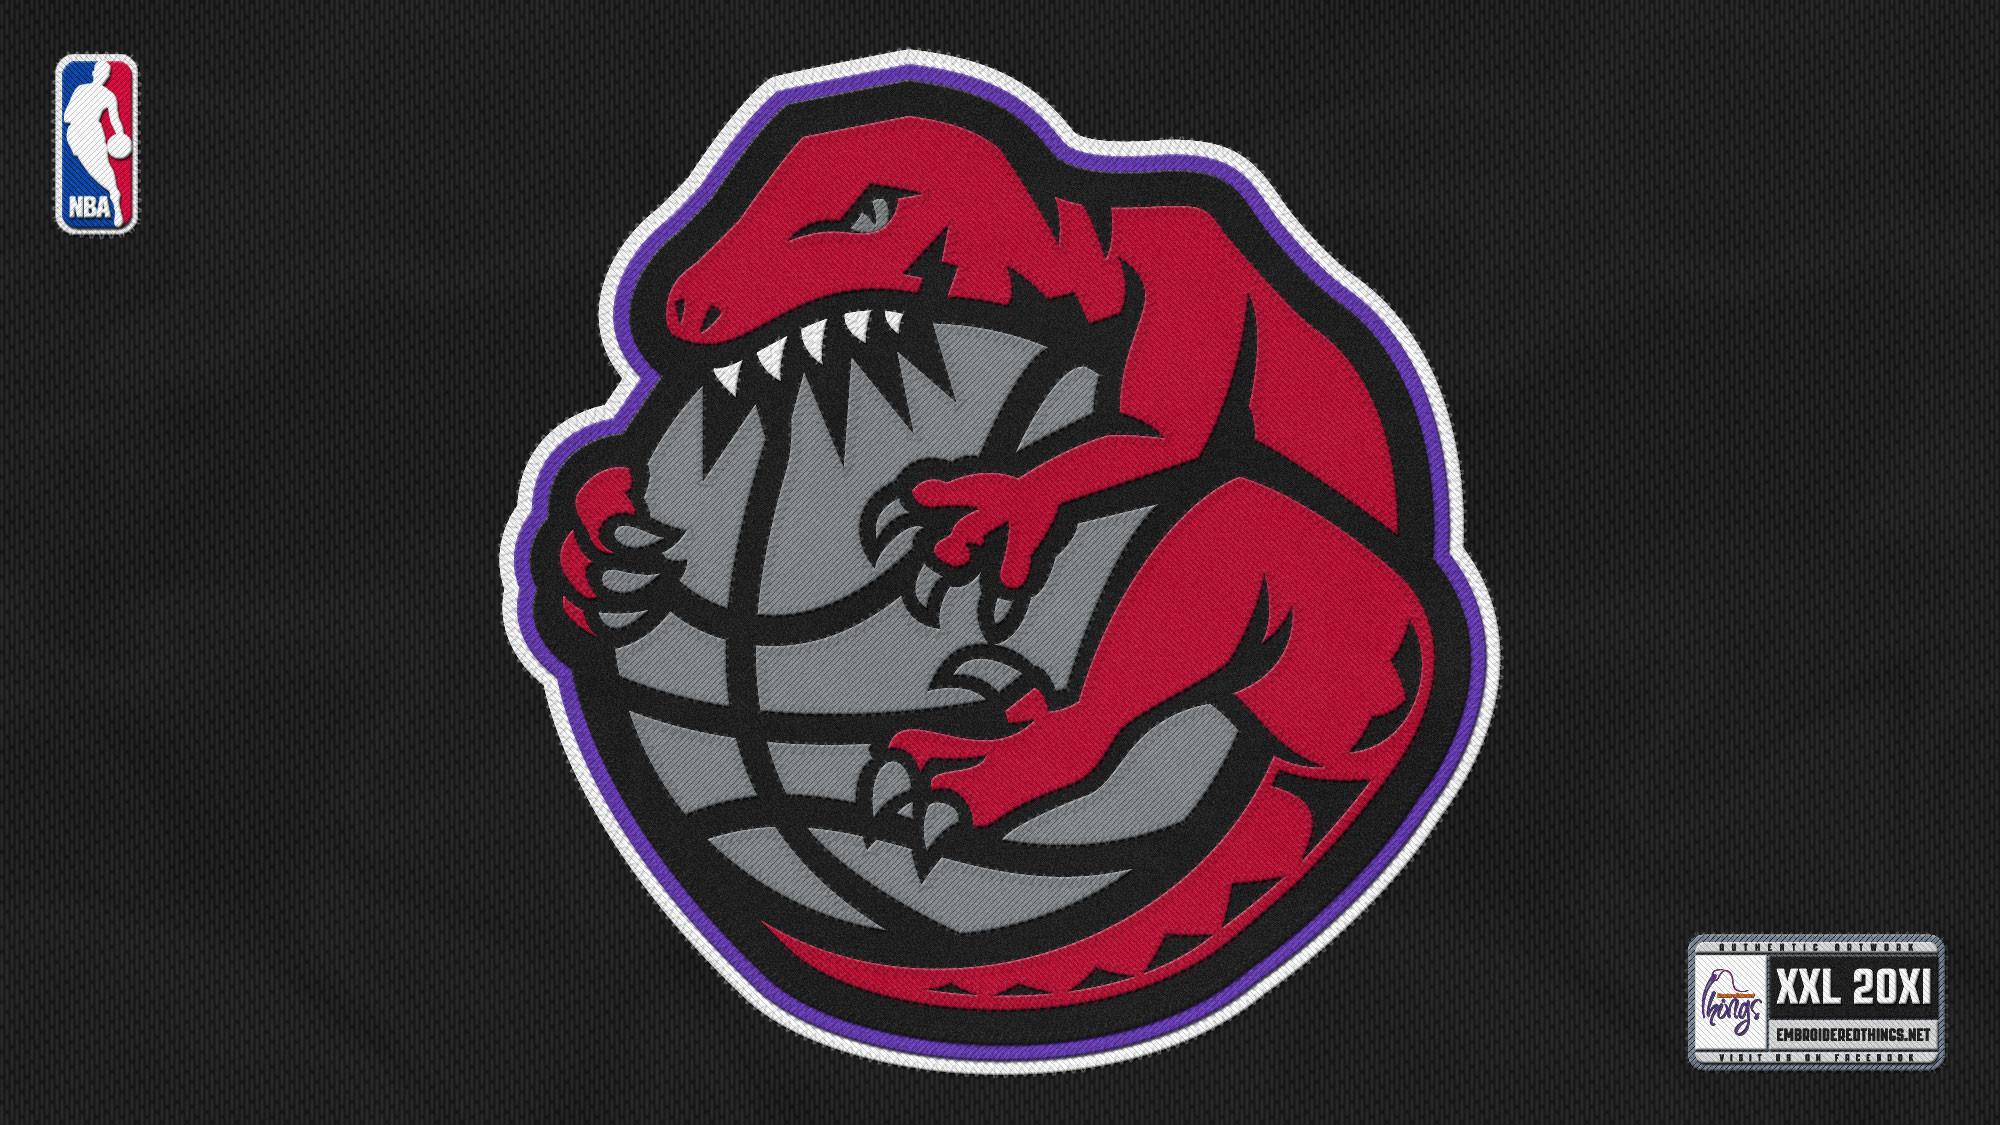 Toronto Raptors: Toronto Raptors Wallpapers ·①